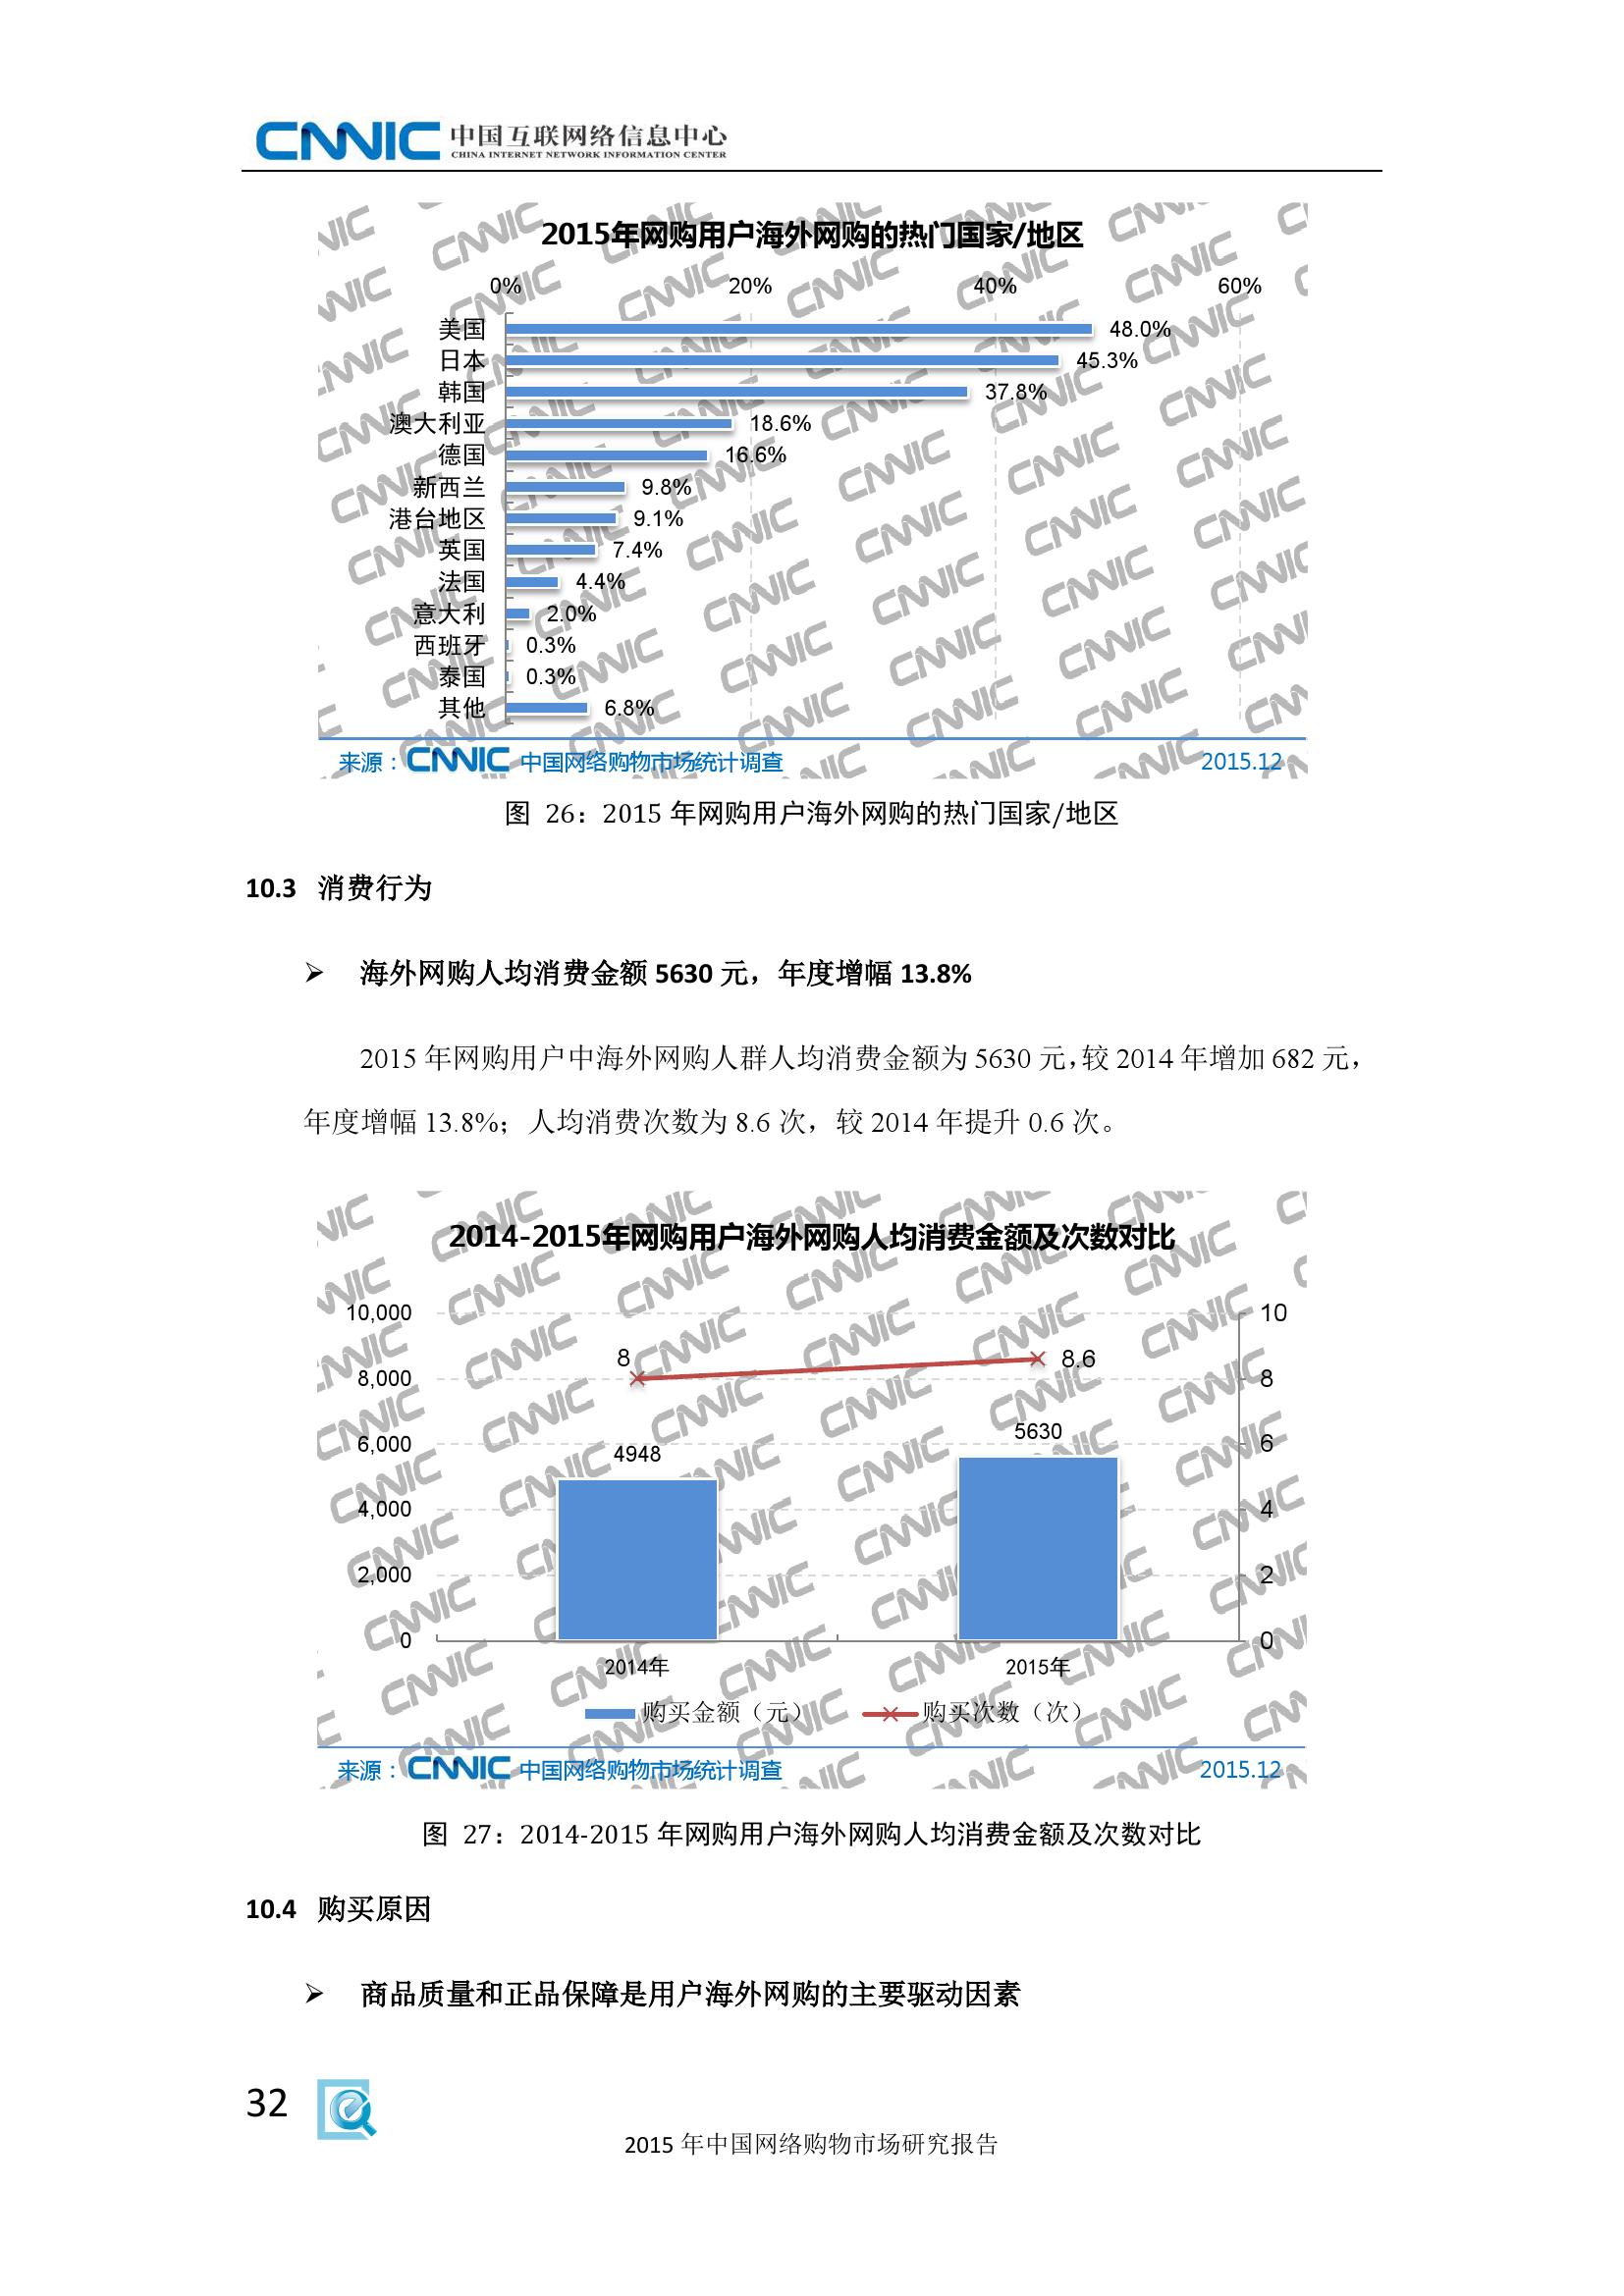 2015年中国网络购物市场研究报告_000040